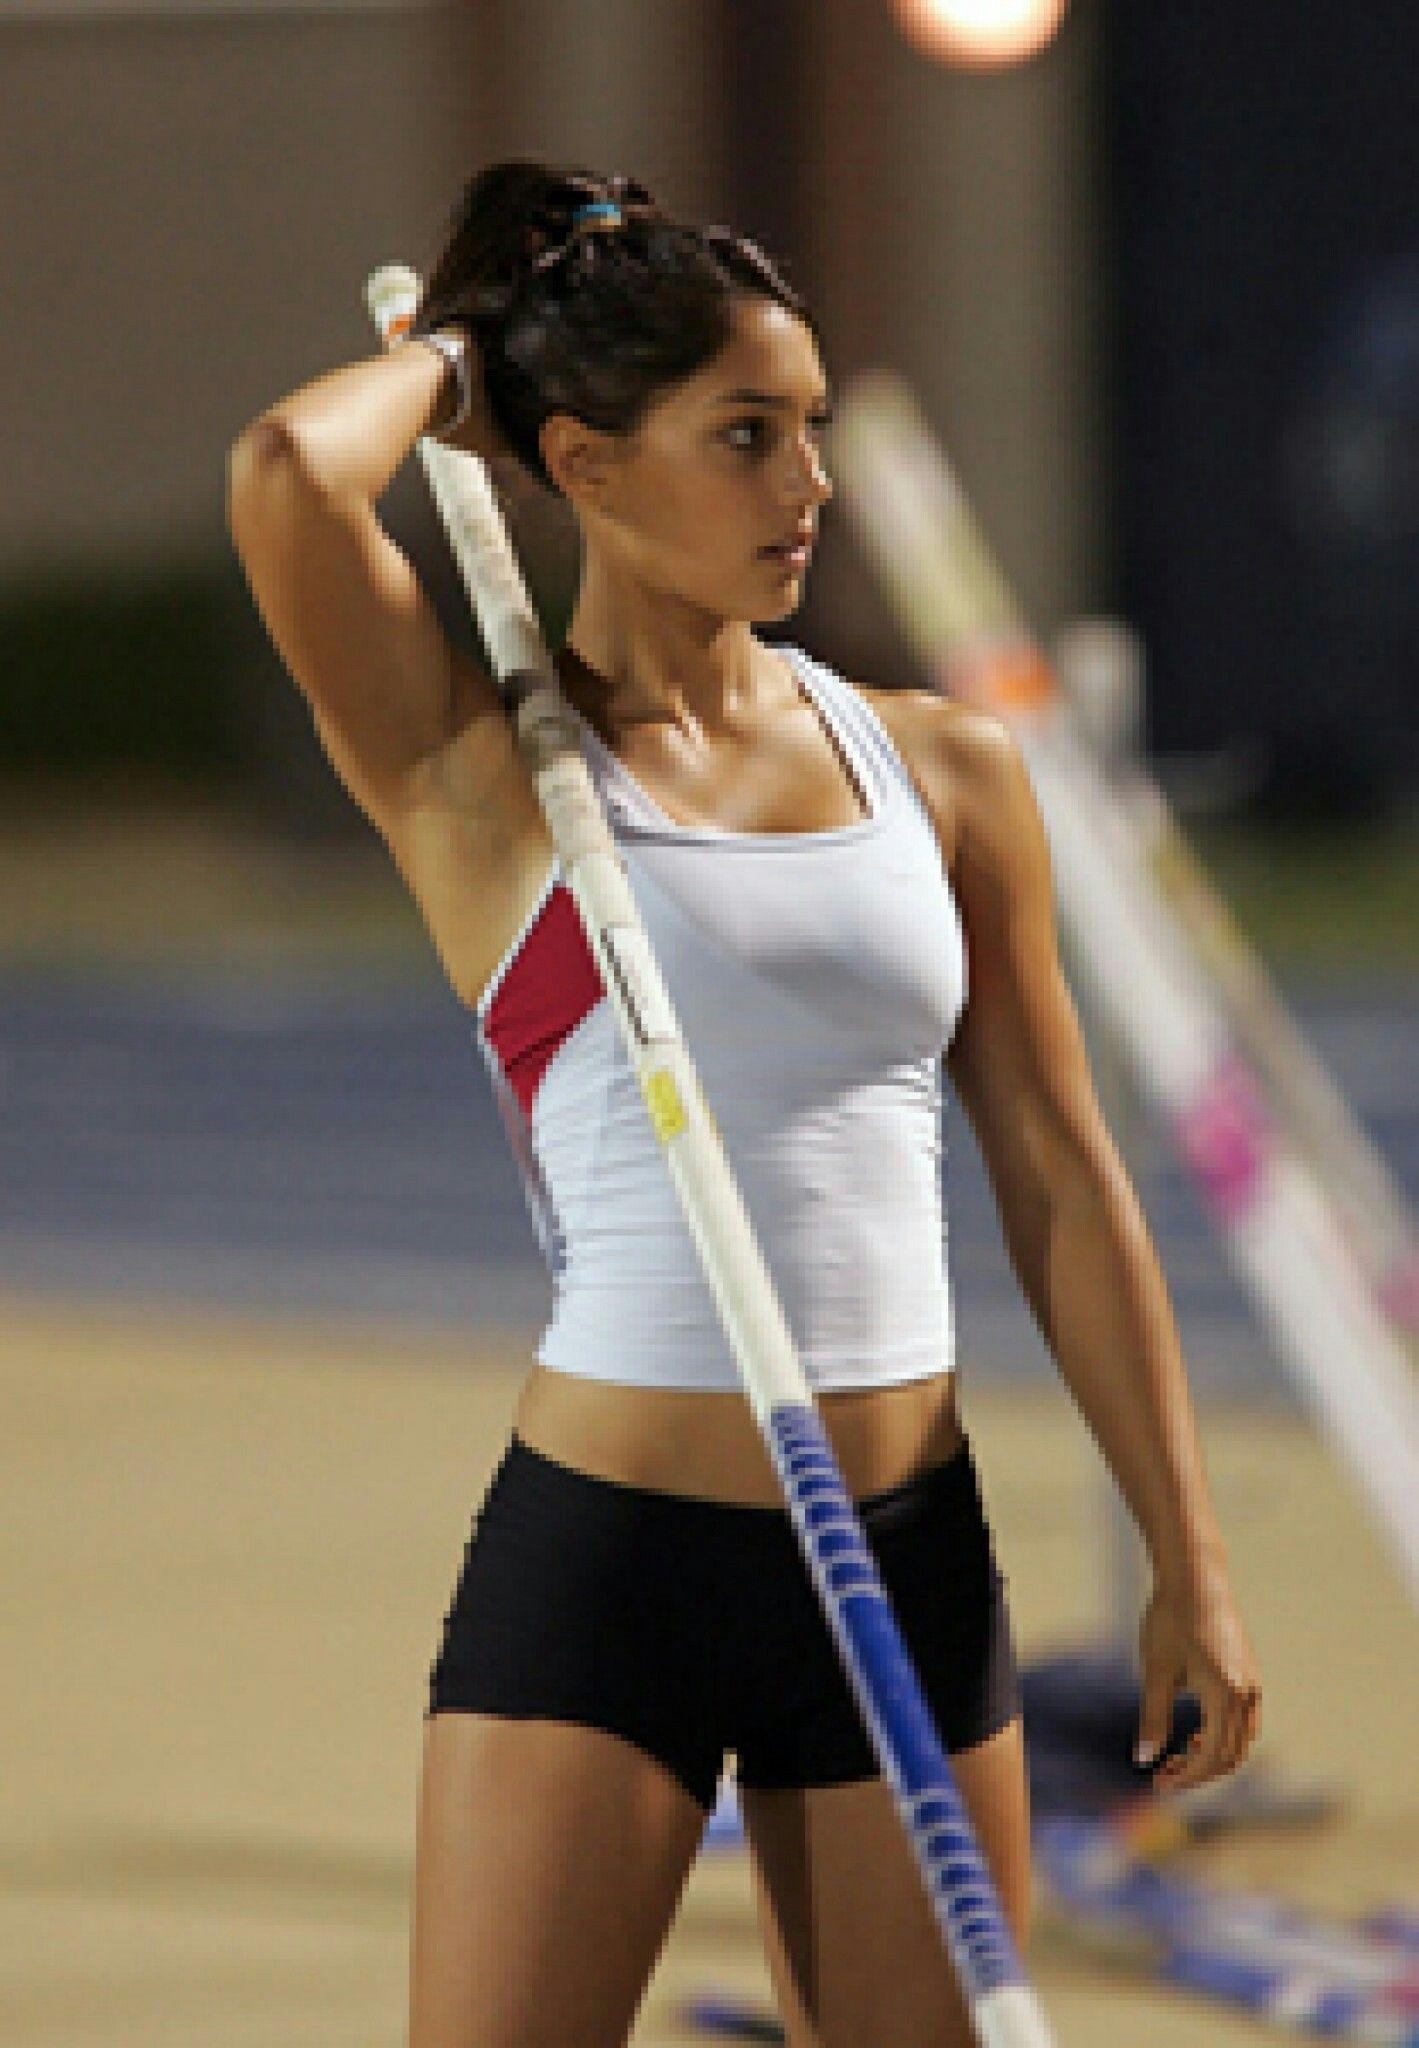 allison stokke pole vault Atlete femminili, Atletica